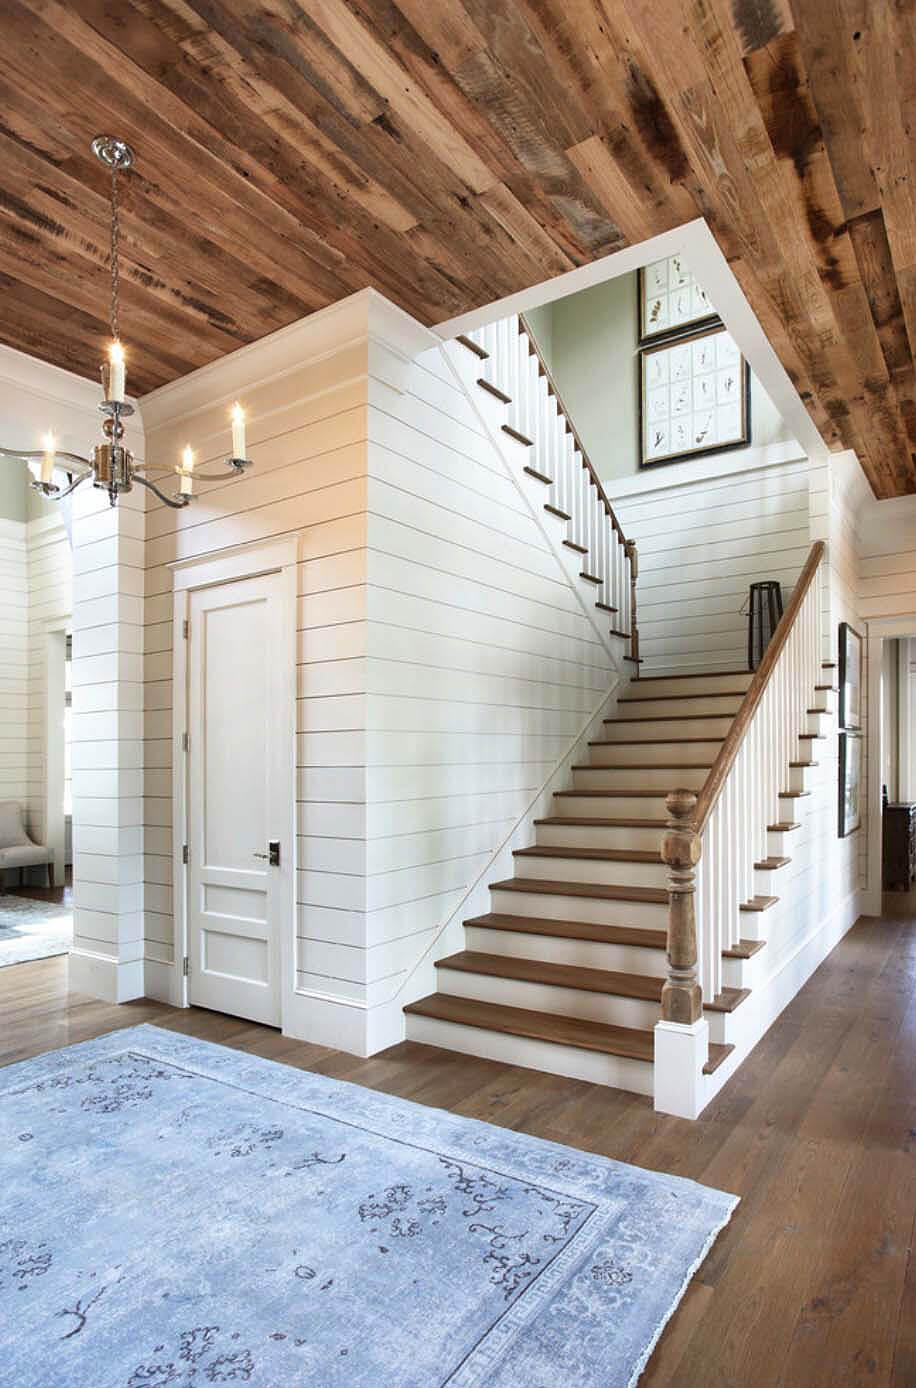 Mur en bois blanc brillant de style cottage